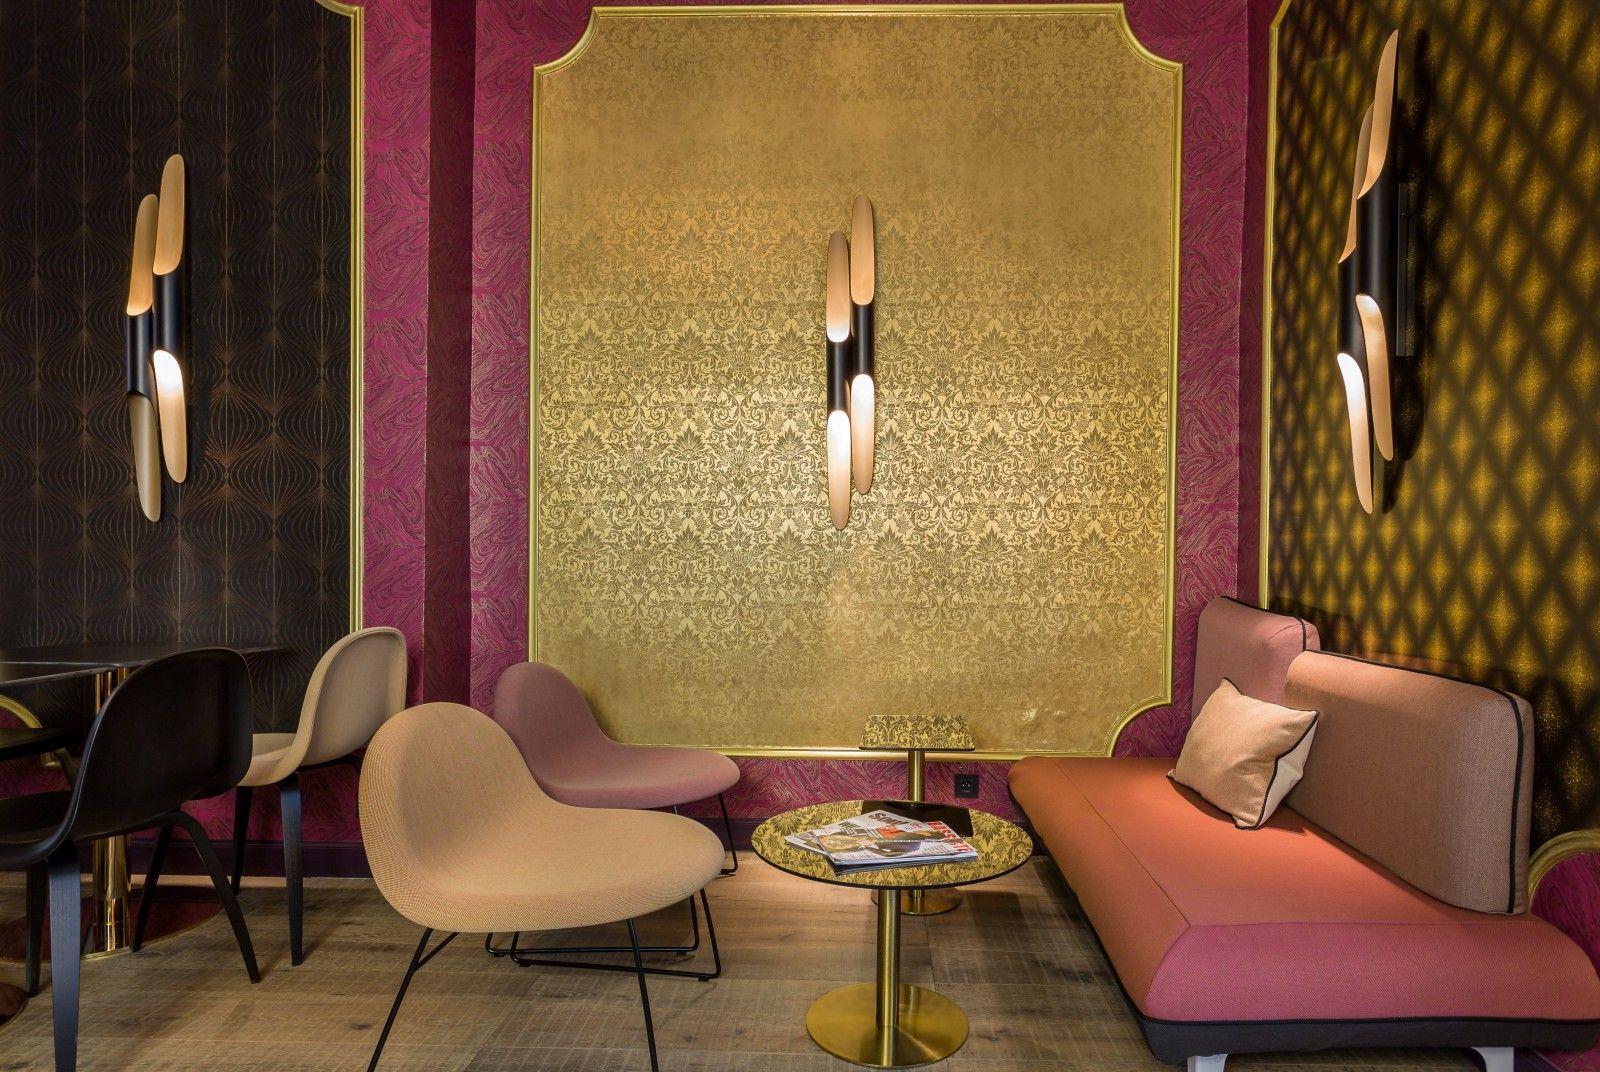 Idol Hotel Paris **** | Hôtel Musical et Design près de l'Opéra Garnier Paris 8 - Design Julie Gauthron